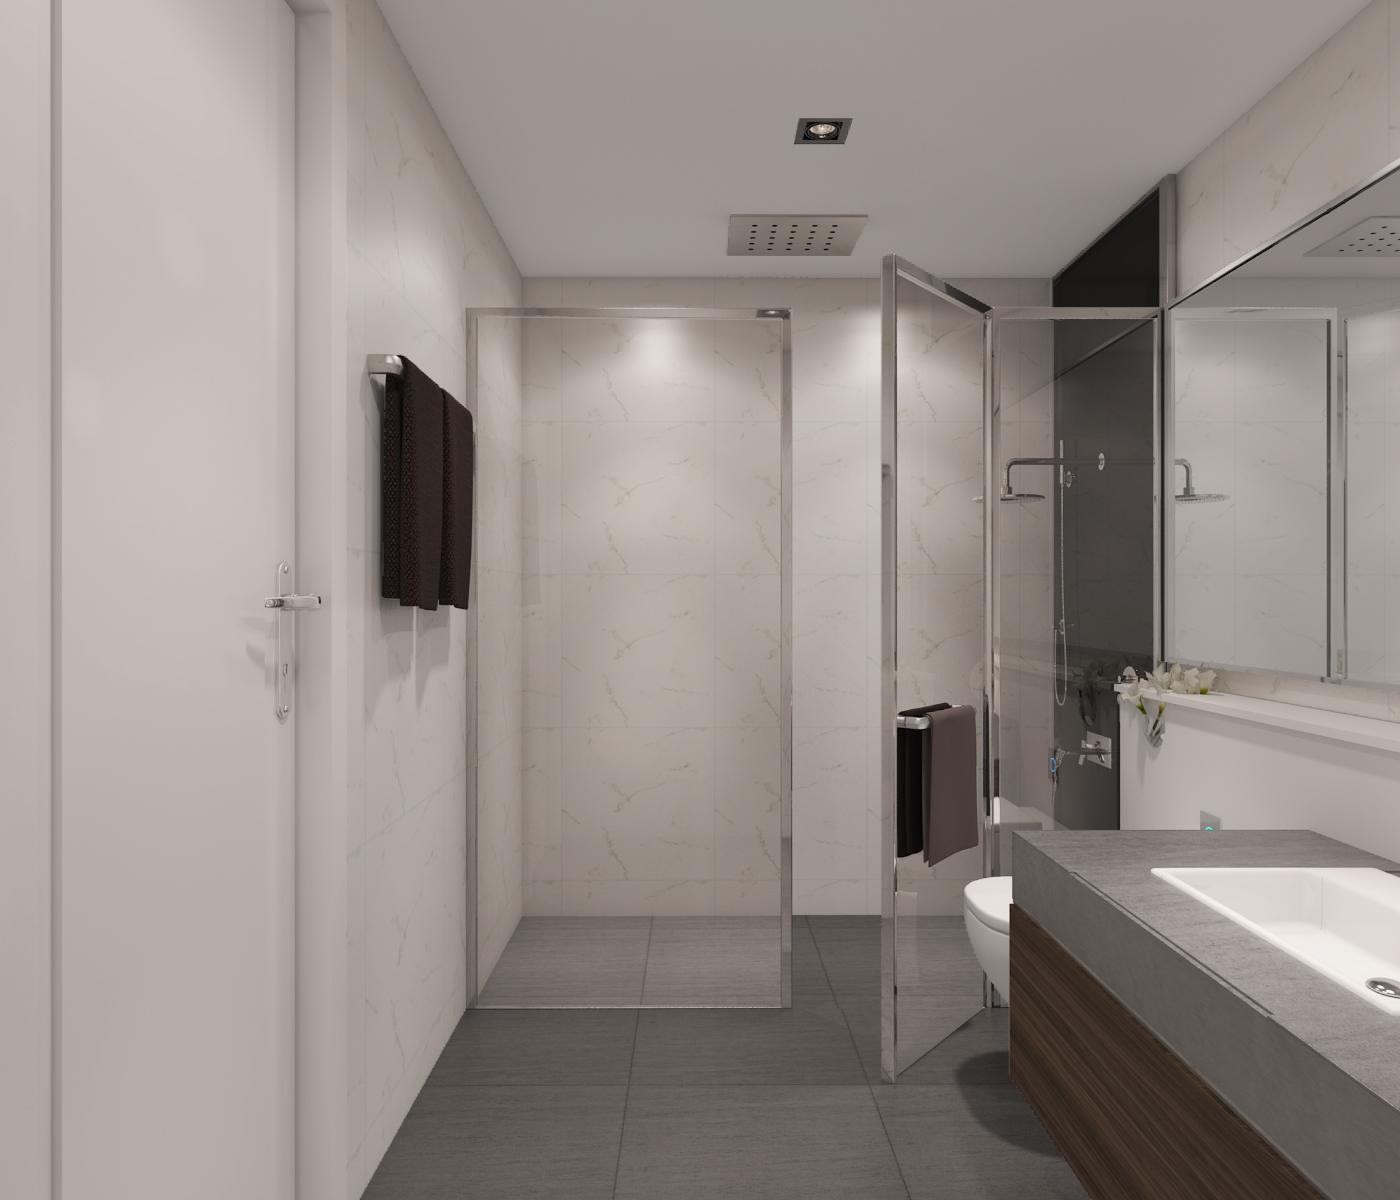 thiết kế nội thất Biệt Thự tại Hà Nội bt Vinhomes - riverside 47 1568085371